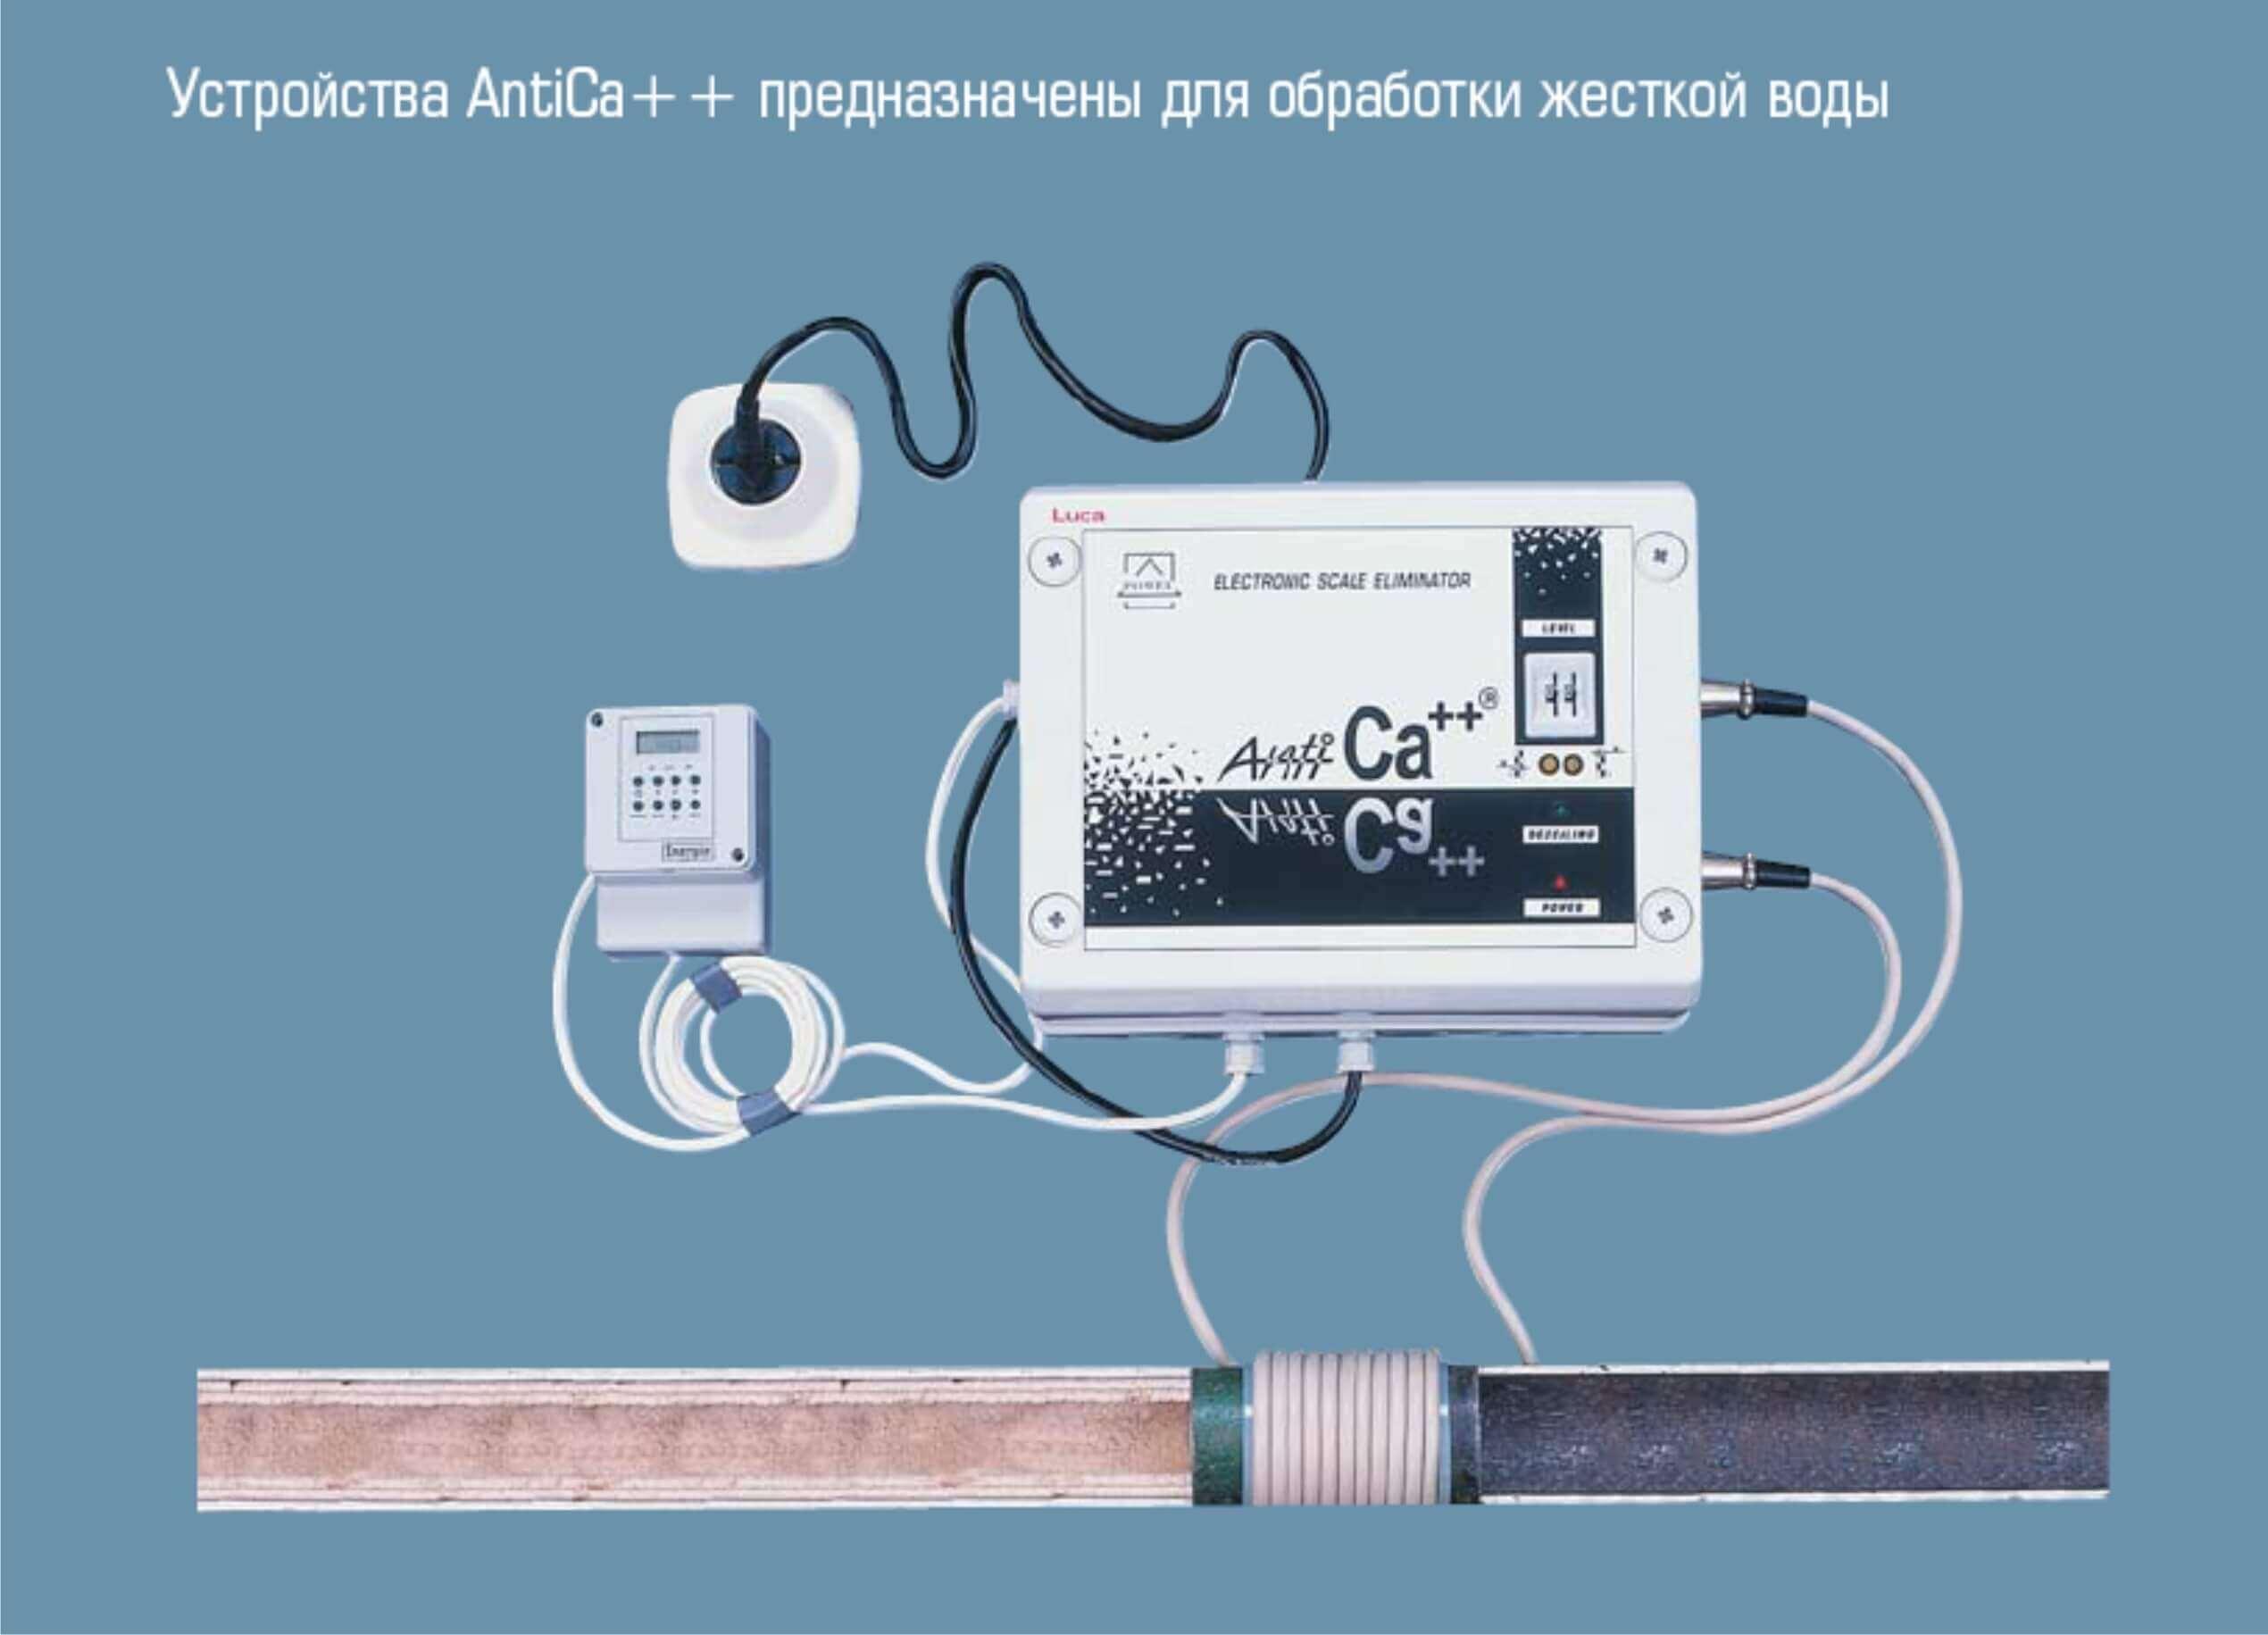 Машимпэкс устройство нехимической обработки воды Теплообменник Ридан НН 86 Ду 150 Сыктывкар